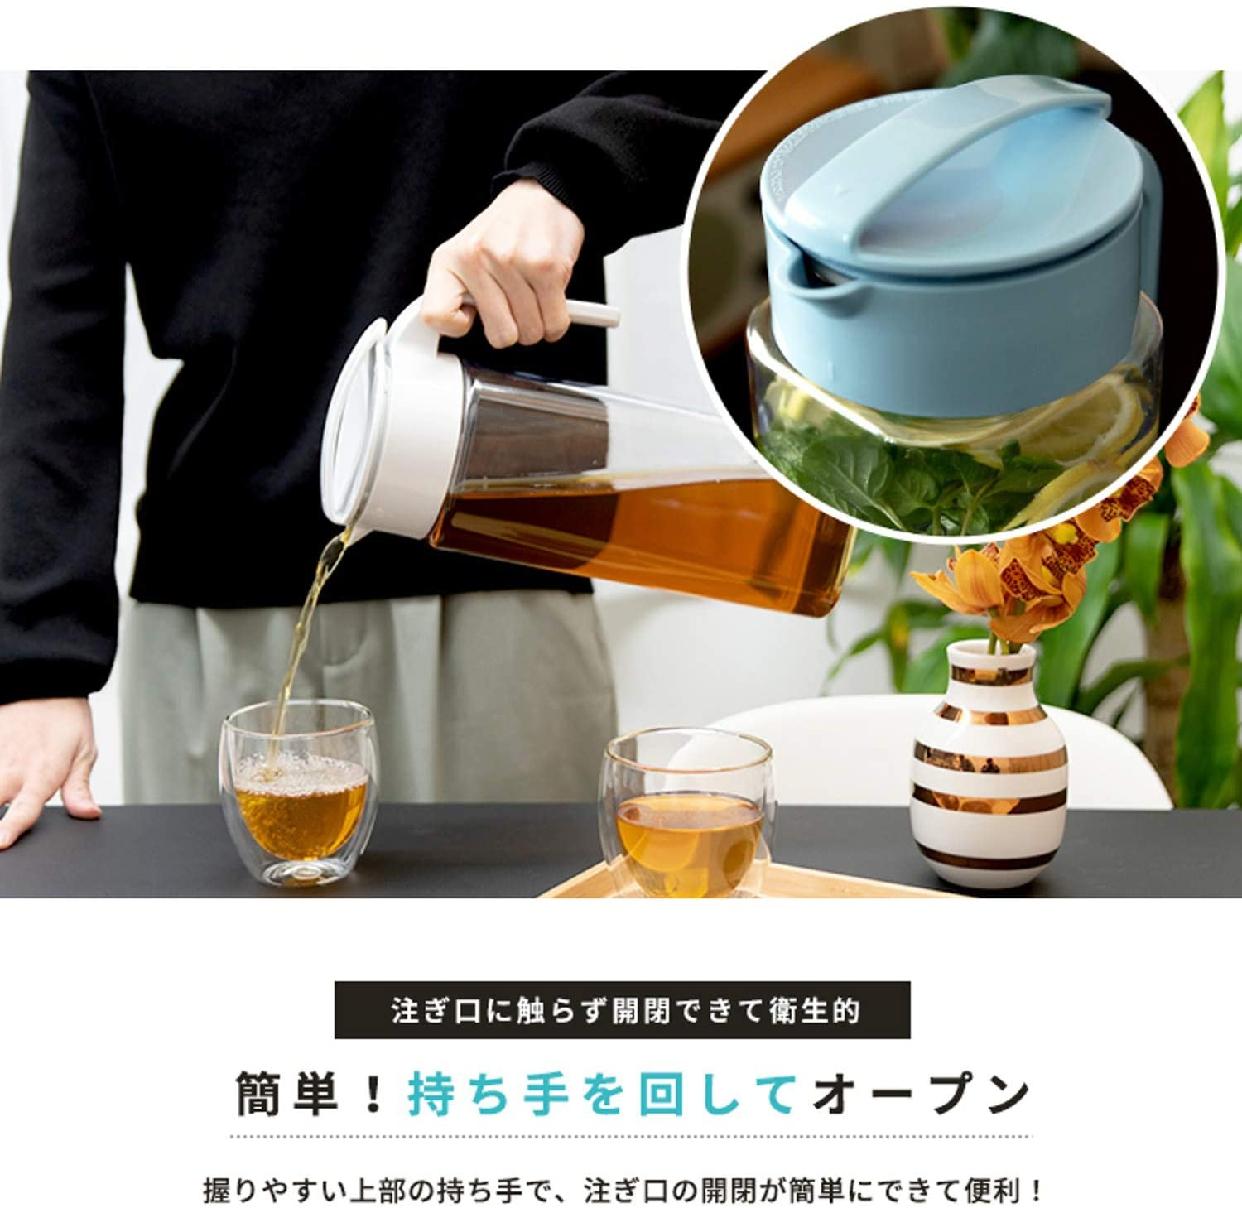 DRINK VIO(ドリンク・ビオ) D-211 2.1L ホワイト 8041の商品画像3